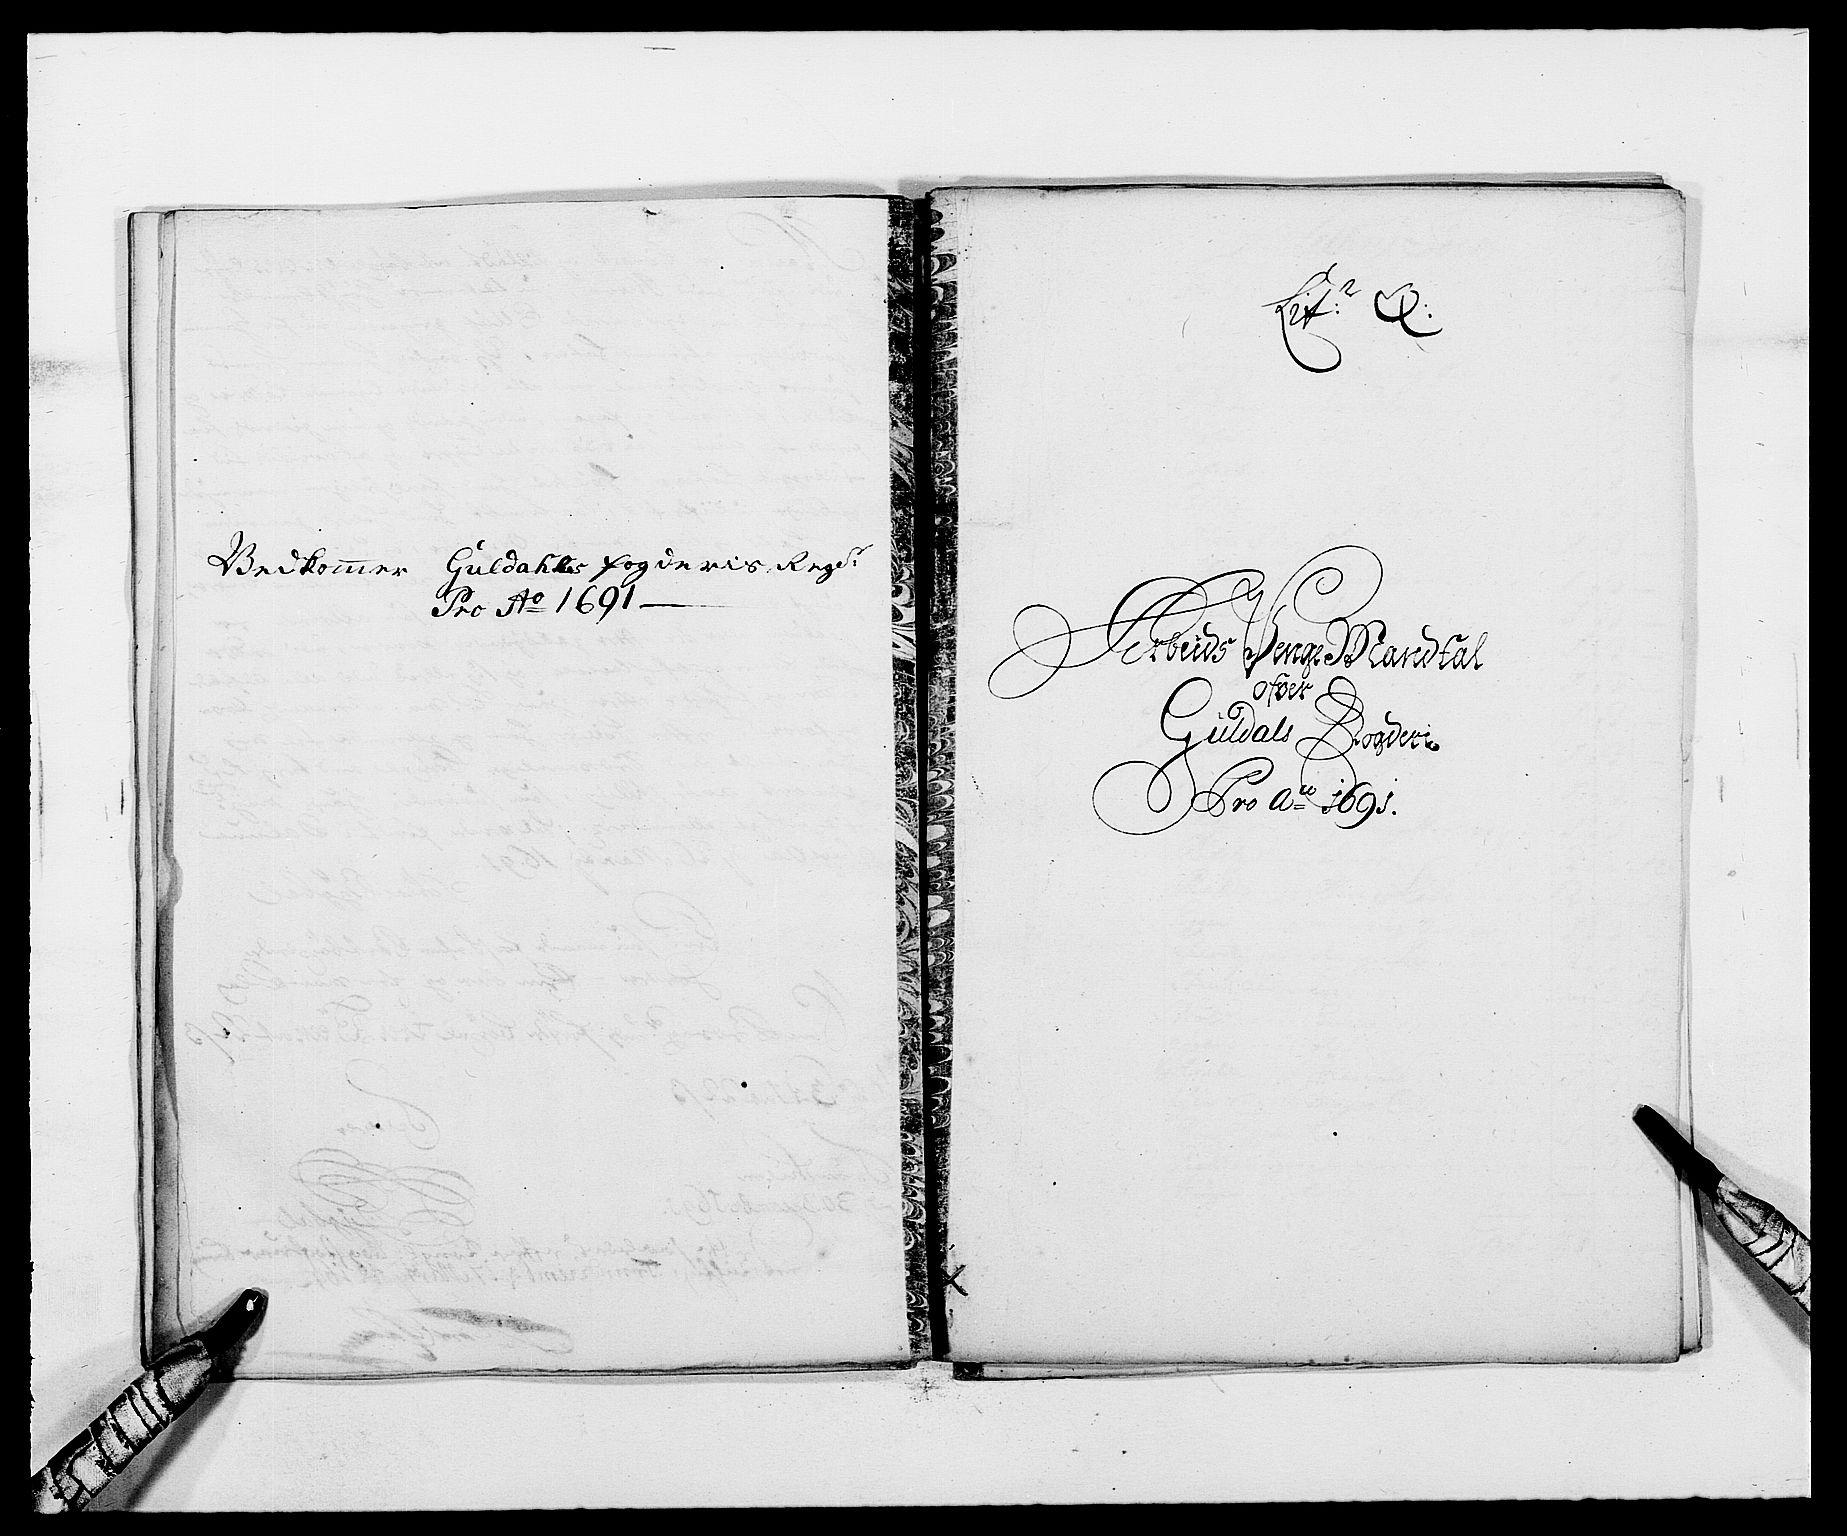 RA, Rentekammeret inntil 1814, Reviderte regnskaper, Fogderegnskap, R59/L3941: Fogderegnskap Gauldal, 1691, s. 149